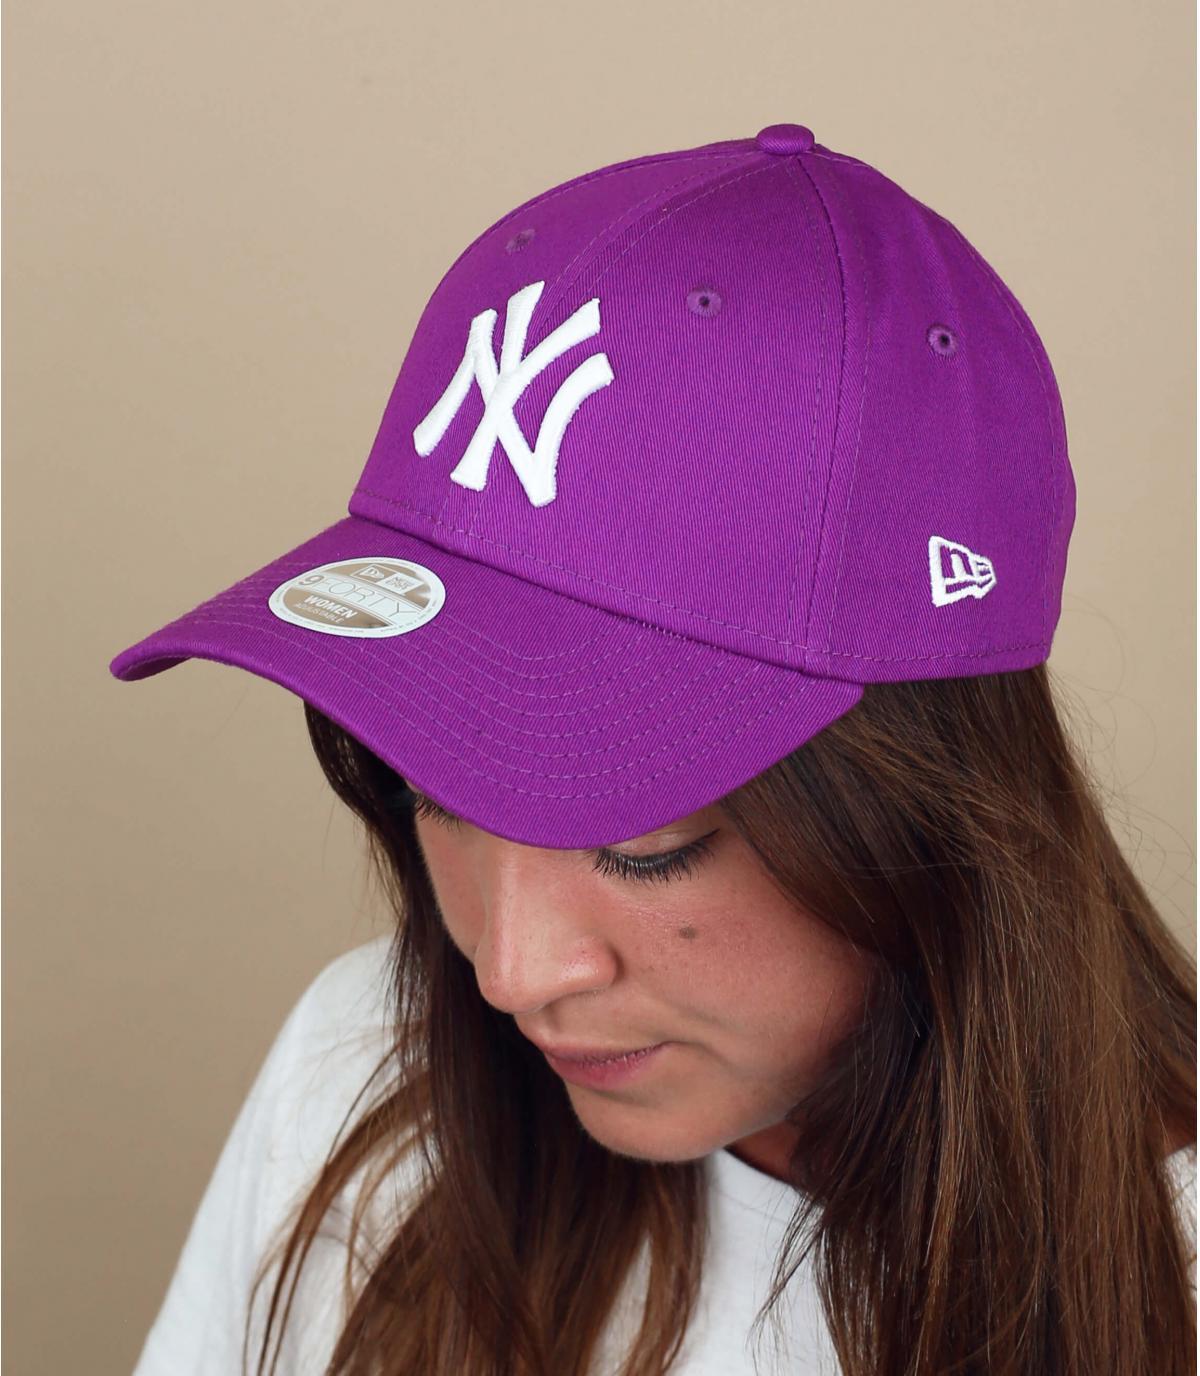 gorra NY mujer morado.